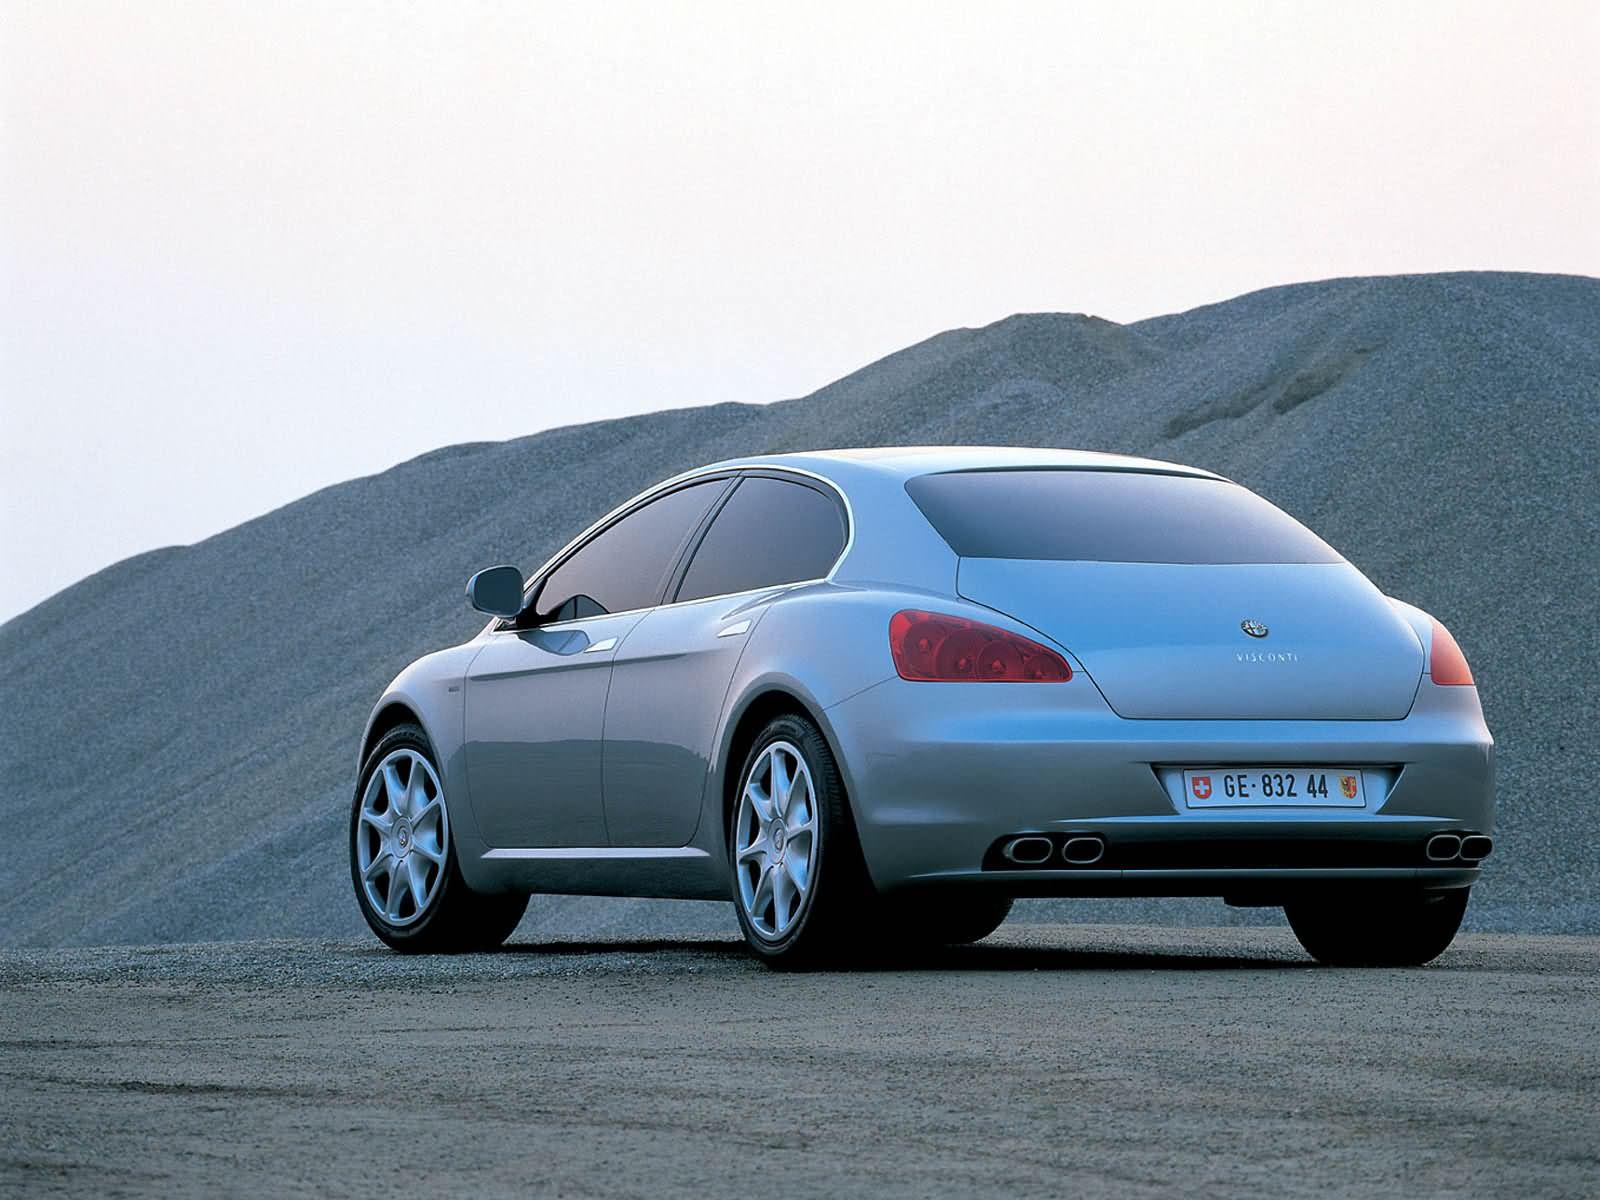 2004 Alfa Romeo Visconti (ItalDesign) - Studios